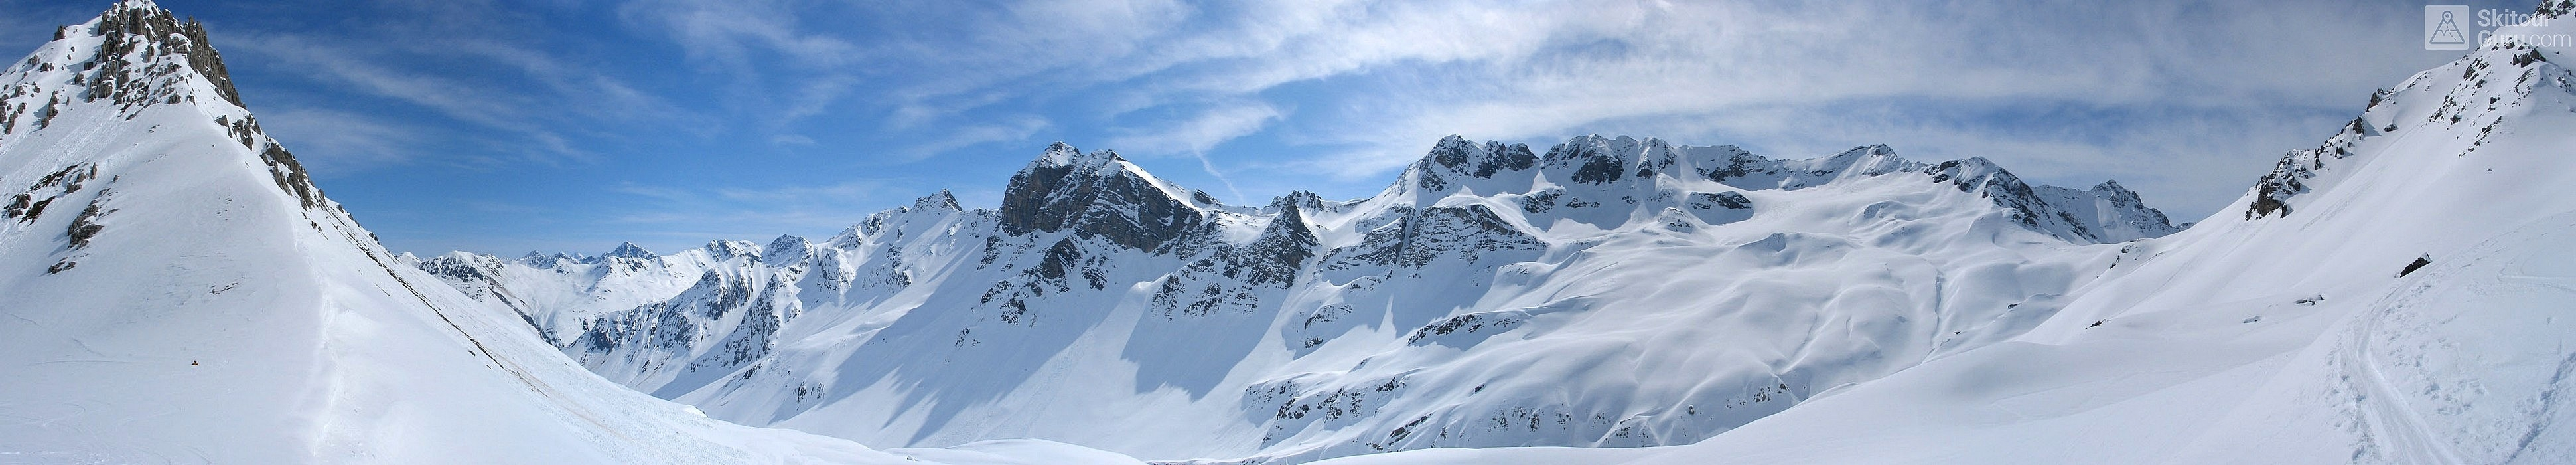 Gletscher Ducan Albula Alpen Switzerland panorama 30